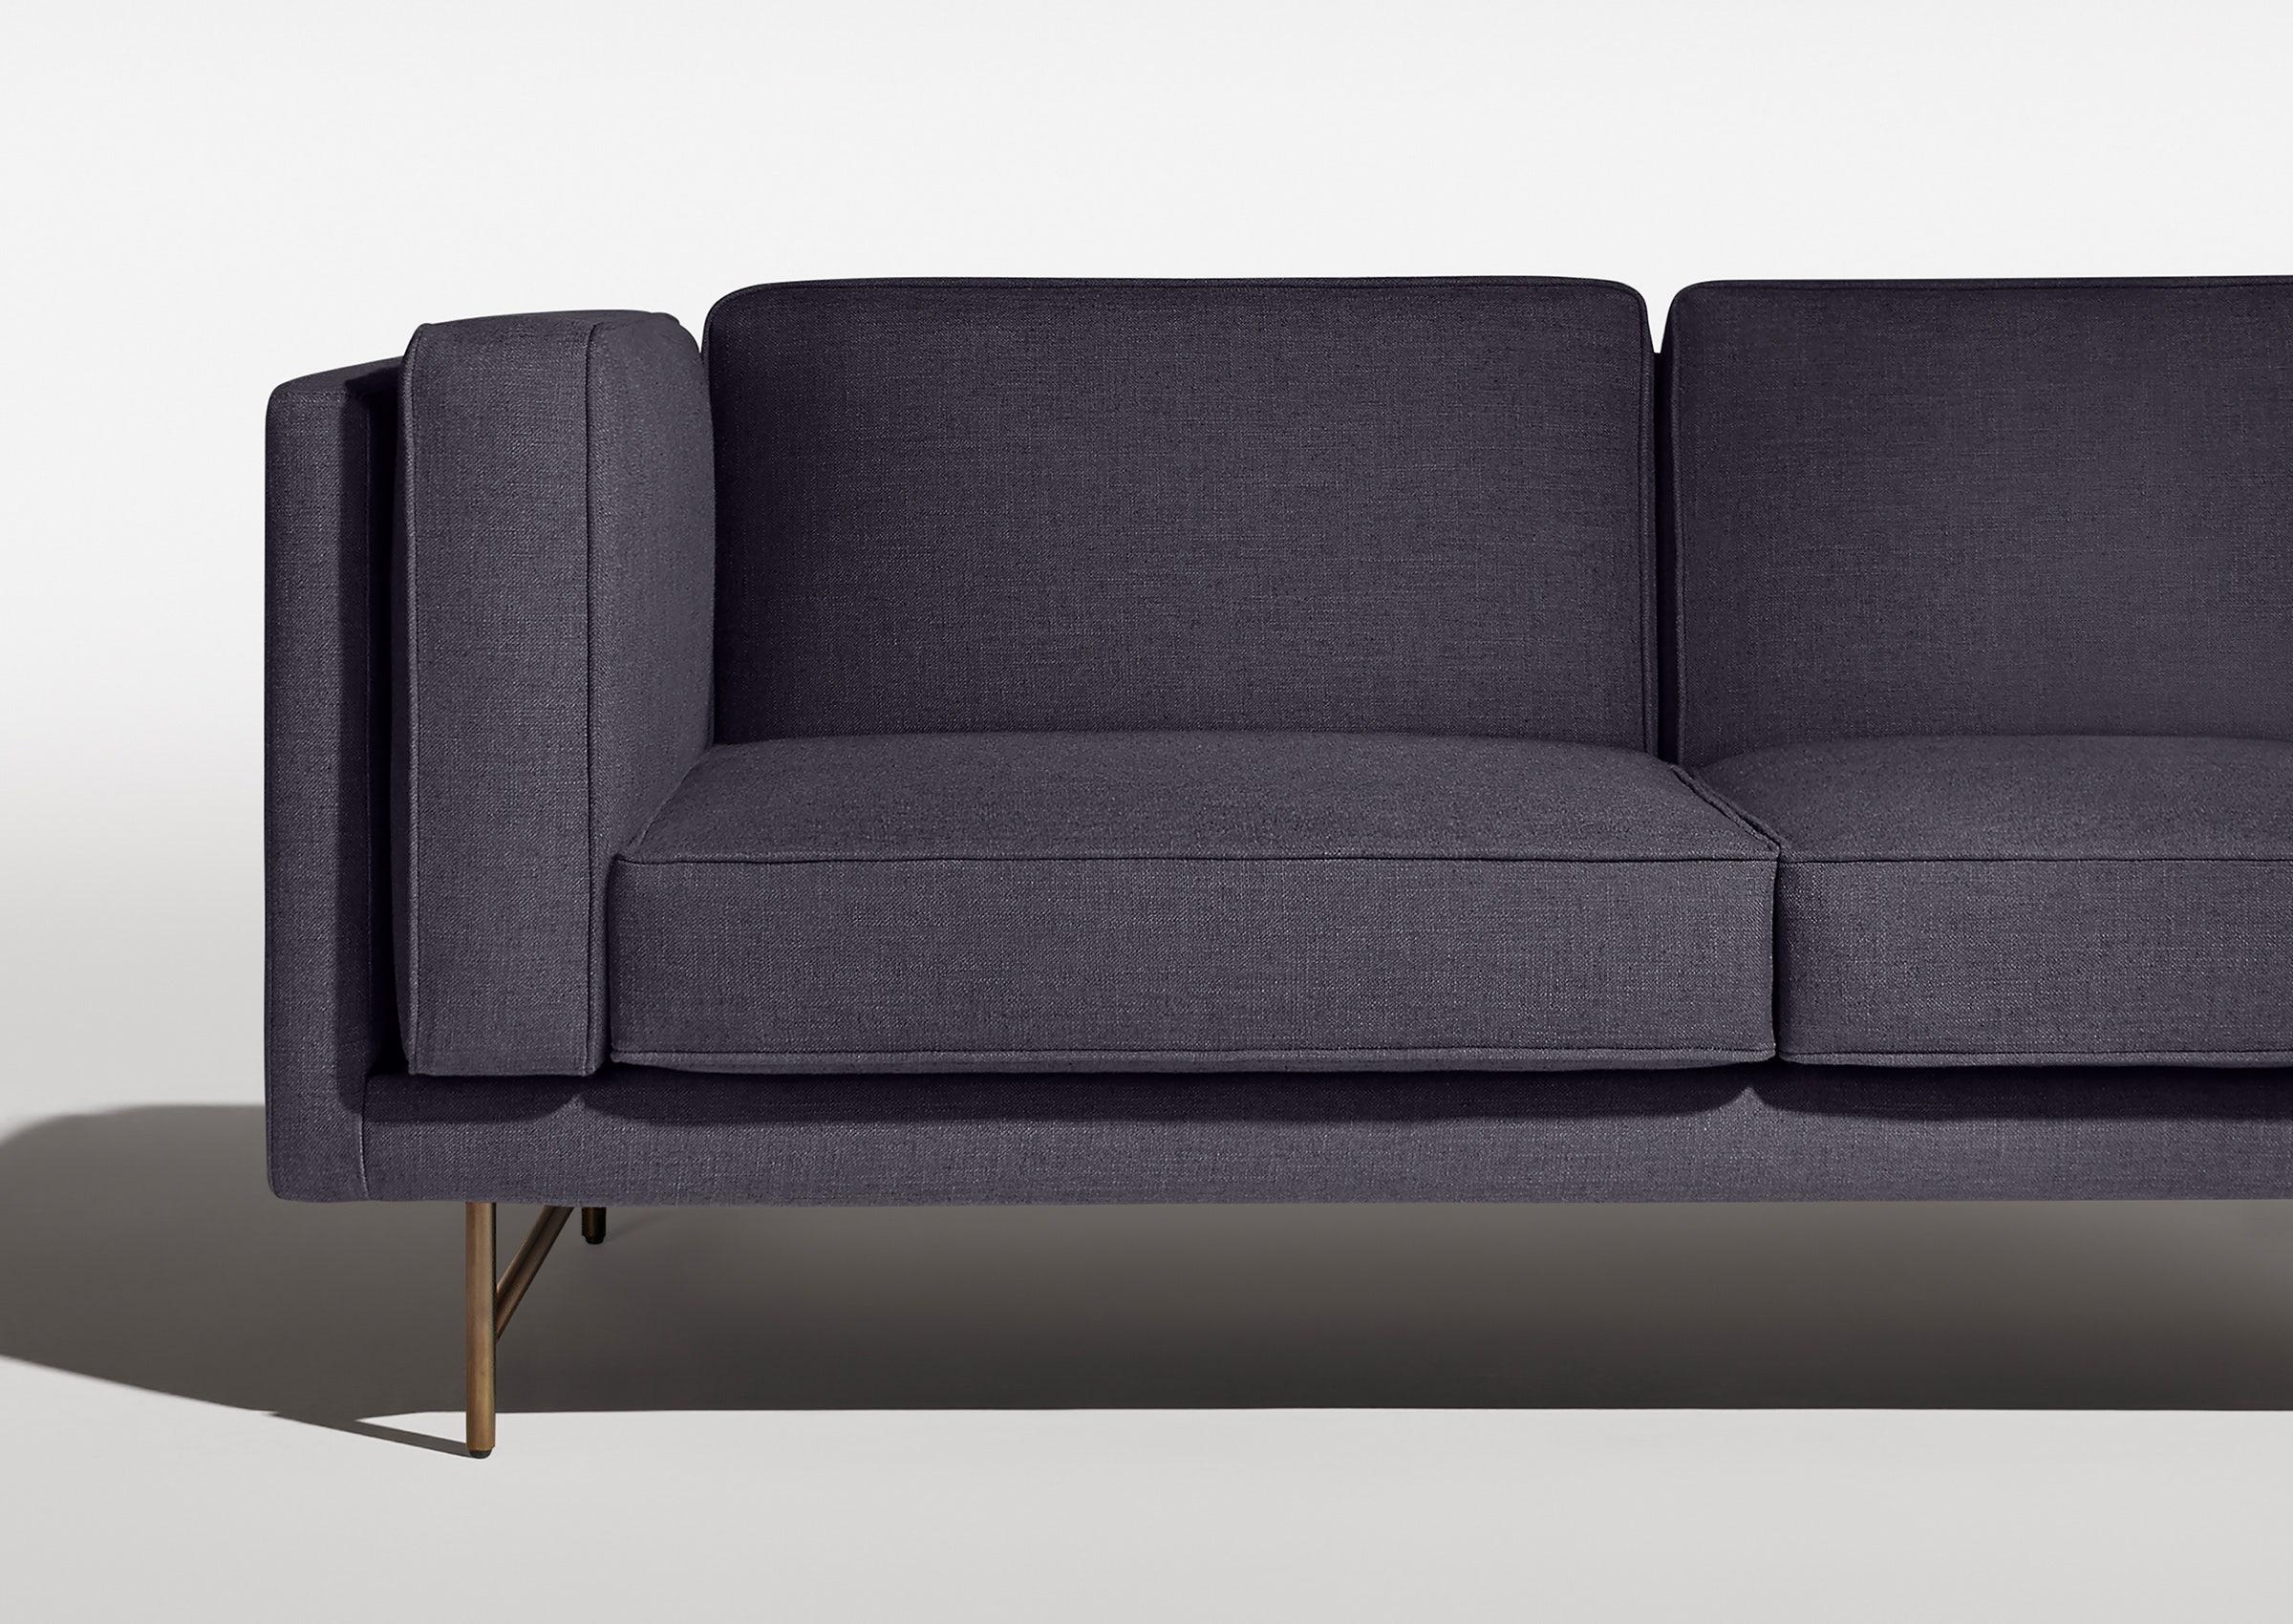 Bank Modern 96 Inch Sofa